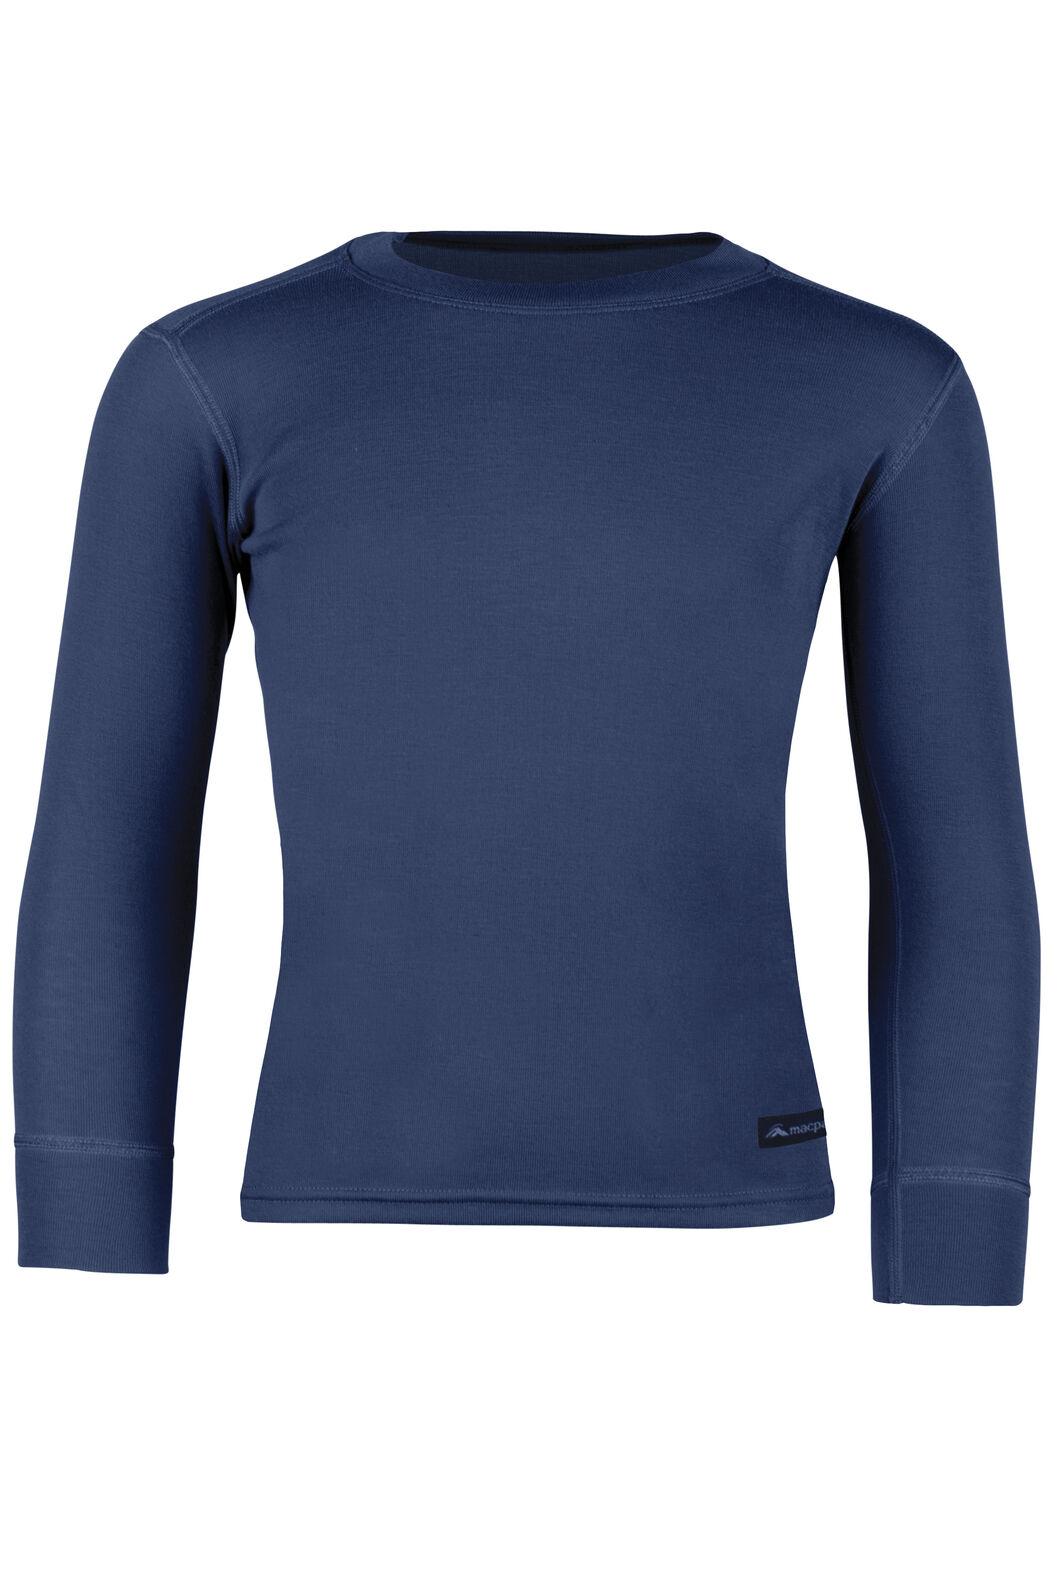 Geothermal Long Sleeve Top - Kids', Dress Blue, hi-res